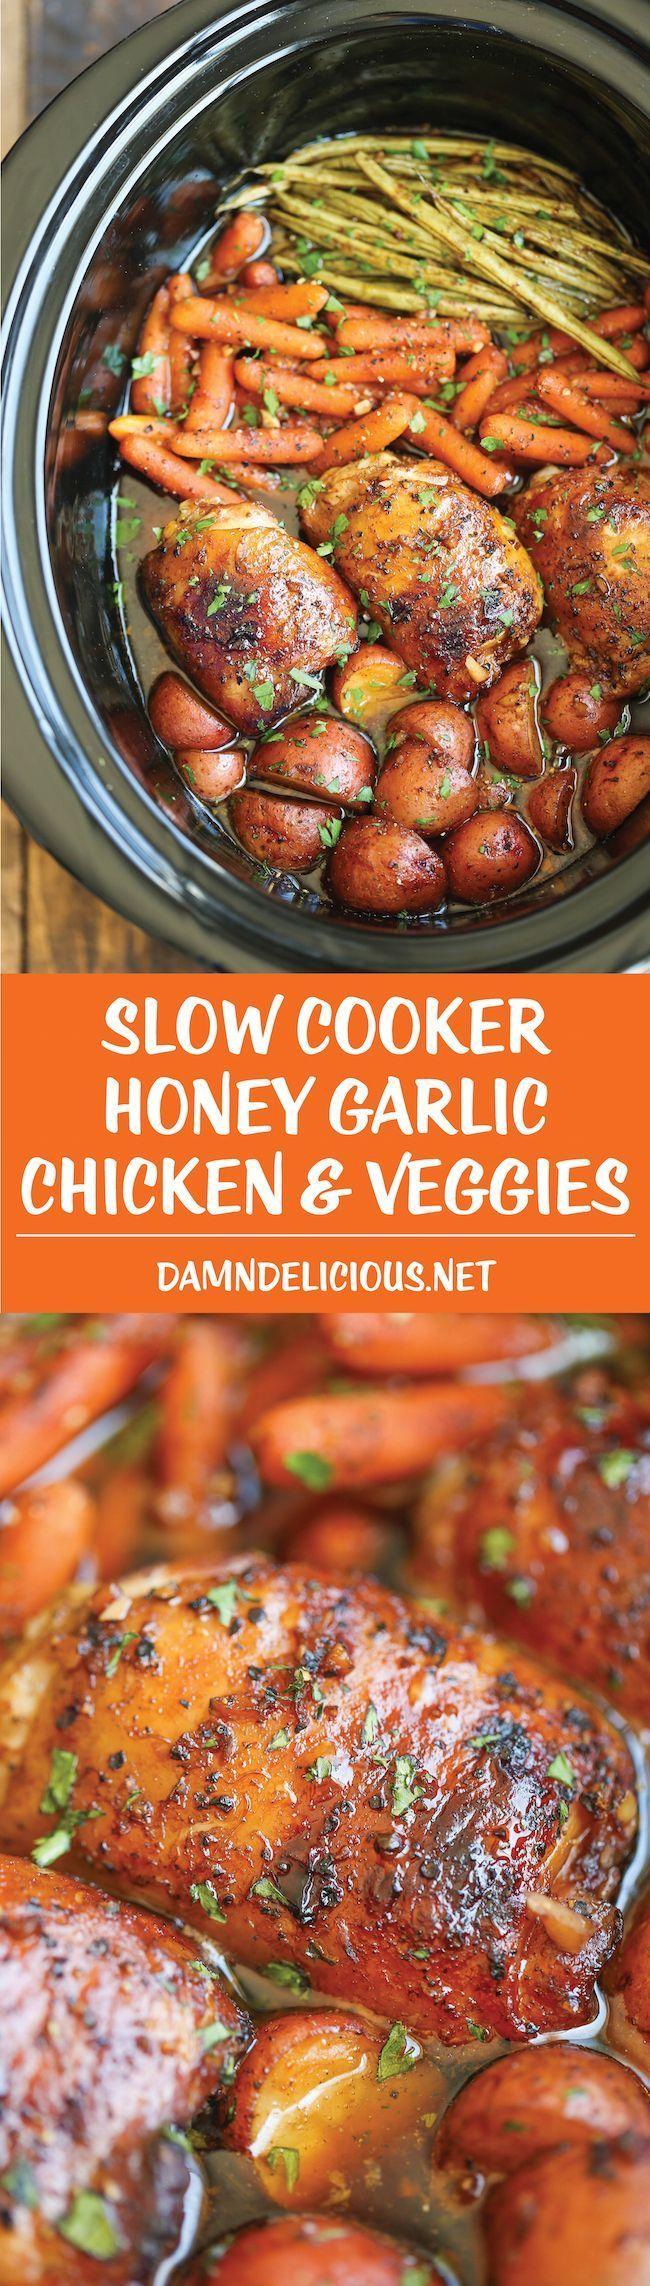 Slow Cooker Honey Garlic Chicken and Veggies Recipe